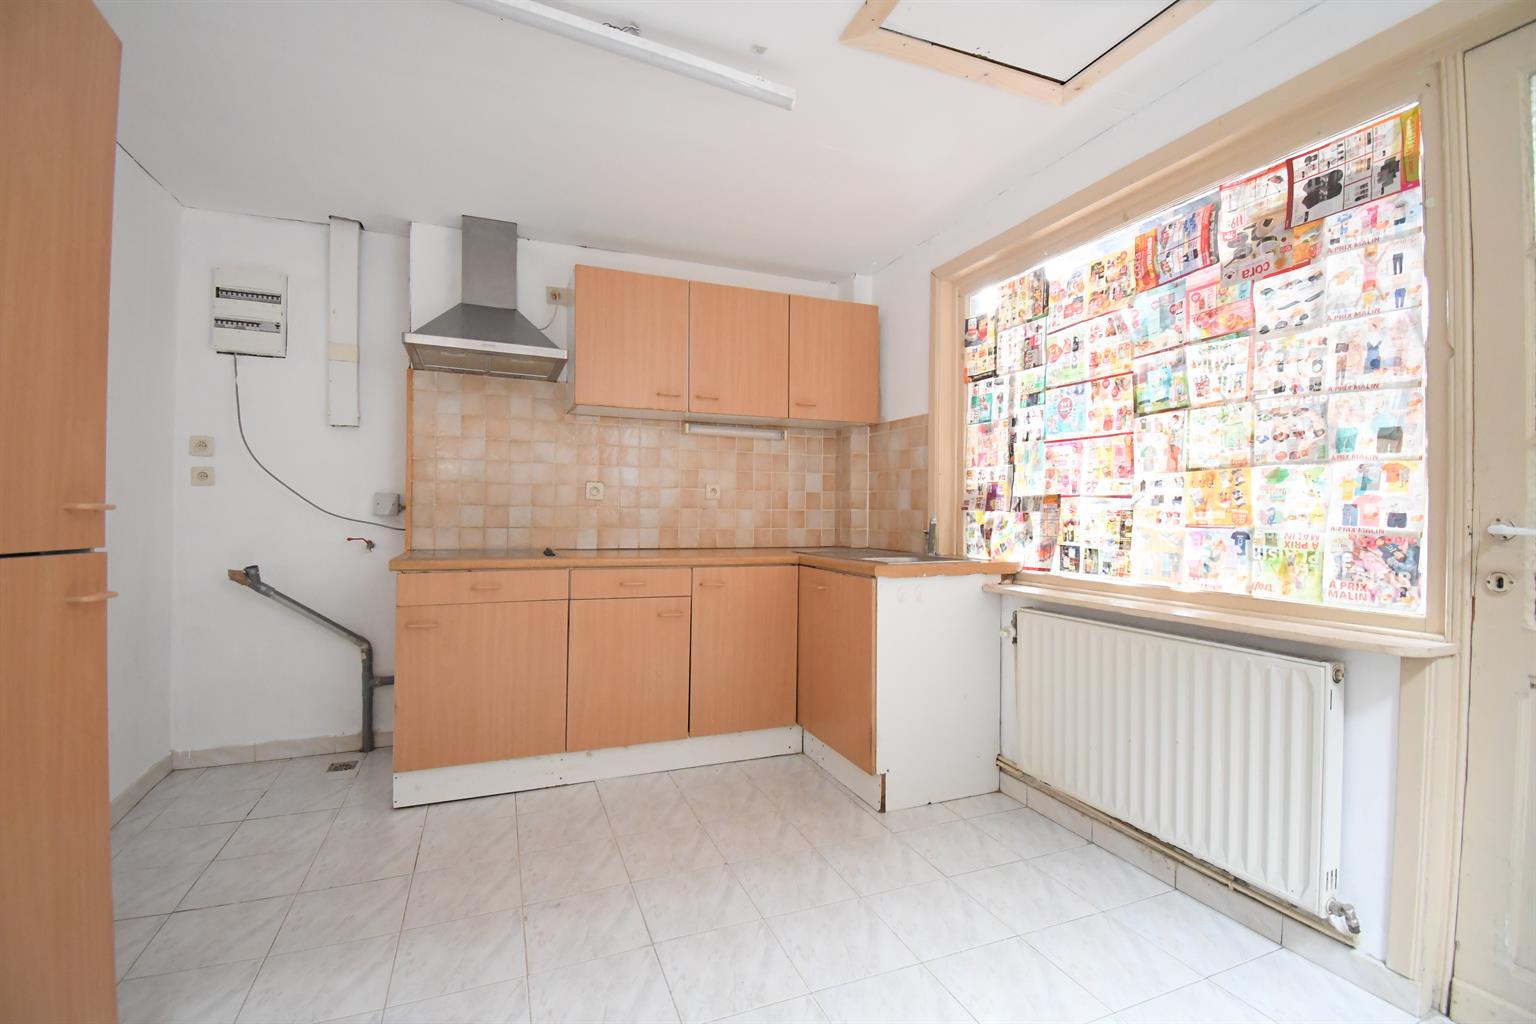 Appartement - Braine-le-Comte - #4407219-2